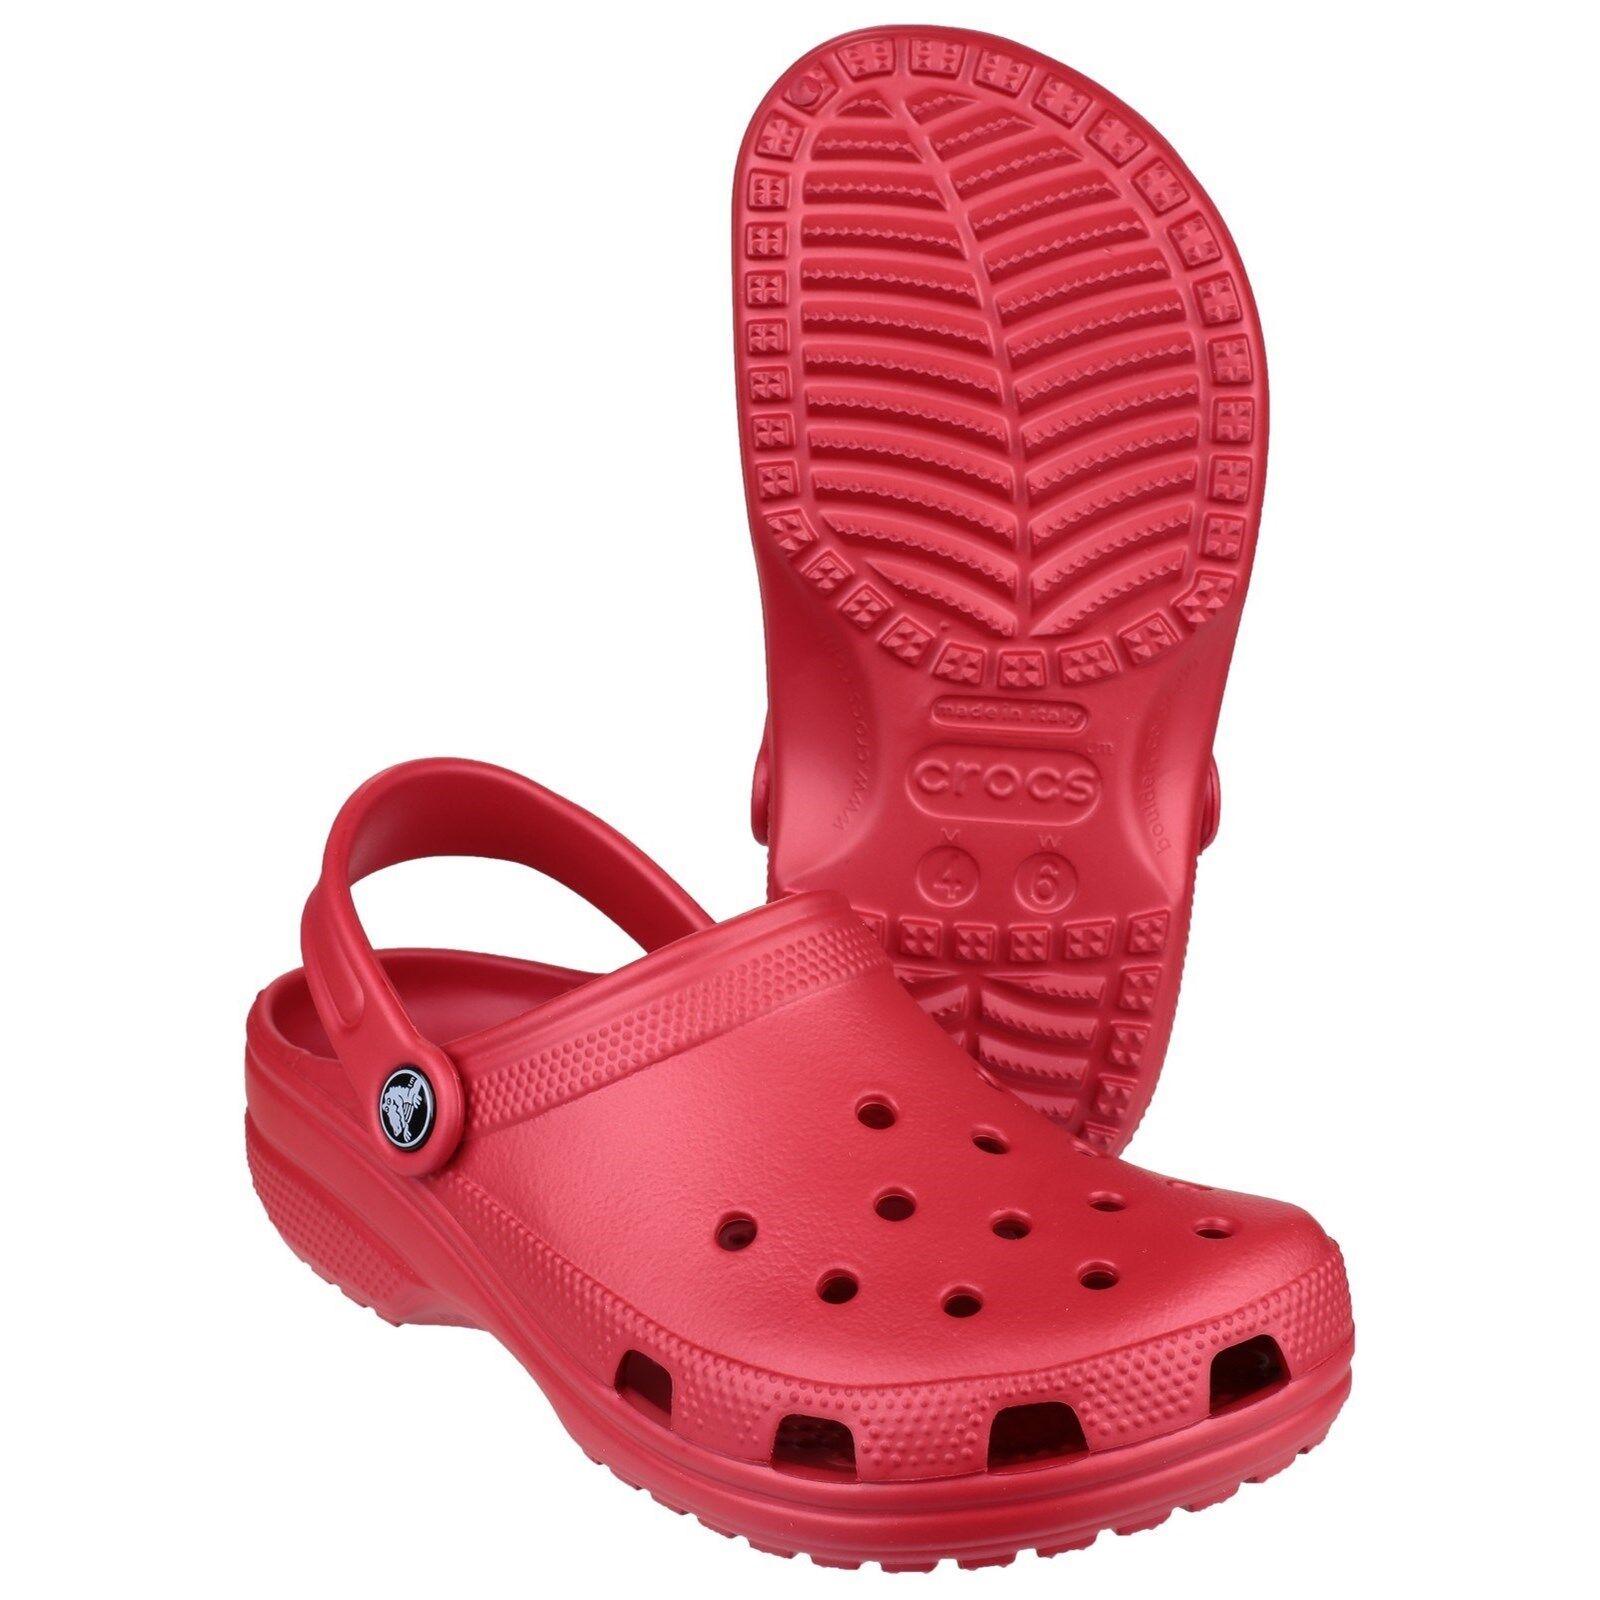 Crocs Klassisch Clogs Damen Leicht Croslite Schaum Belüftet Massage Sandalen Damen Clogs 2d5dfd